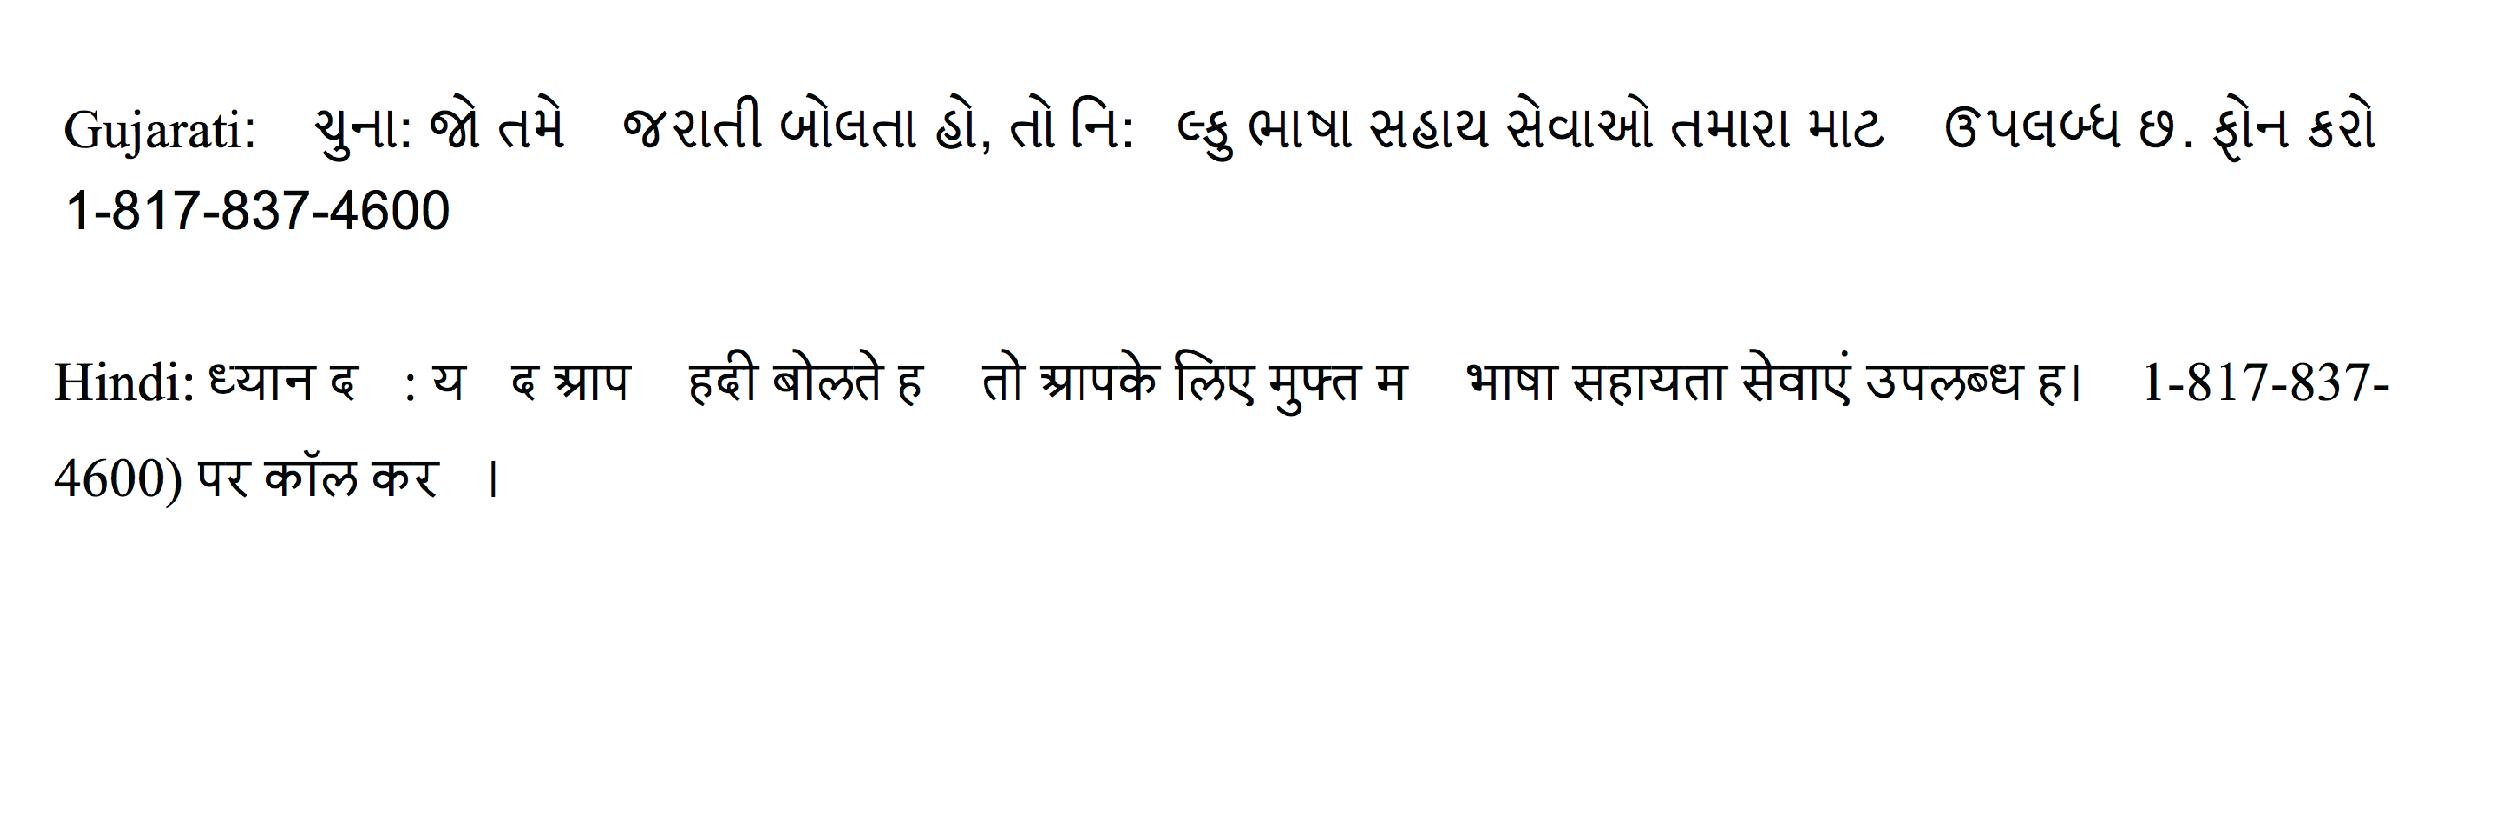 Gujarati & Hindi